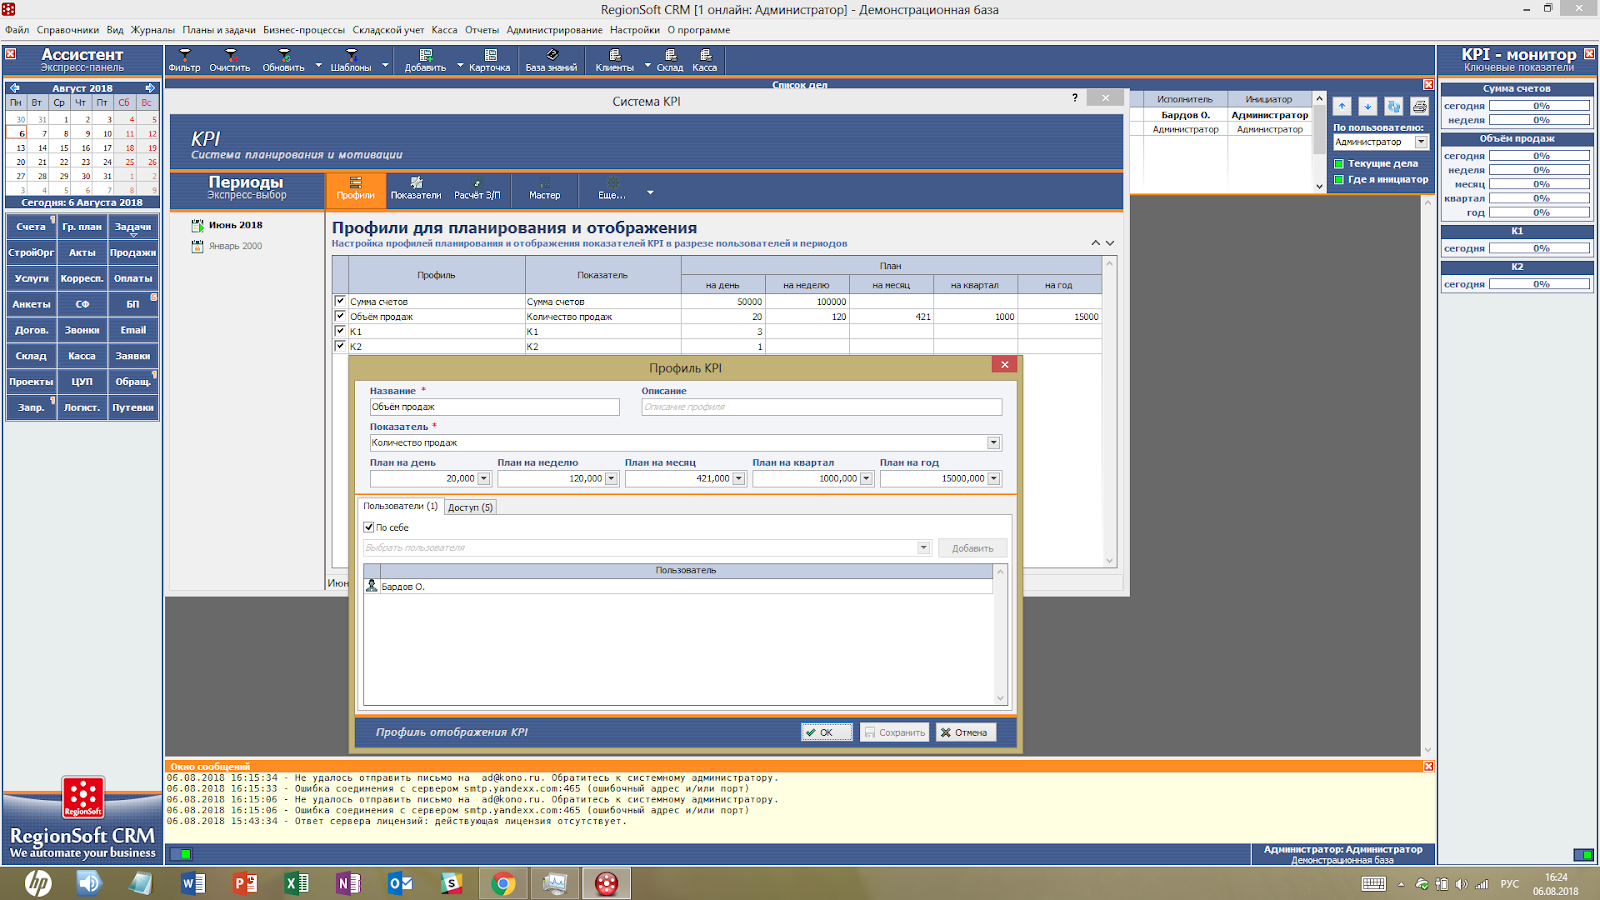 Фигак-фигак и в продакшн. Мы выпустили RegionSoft CRM 7.0 - 6